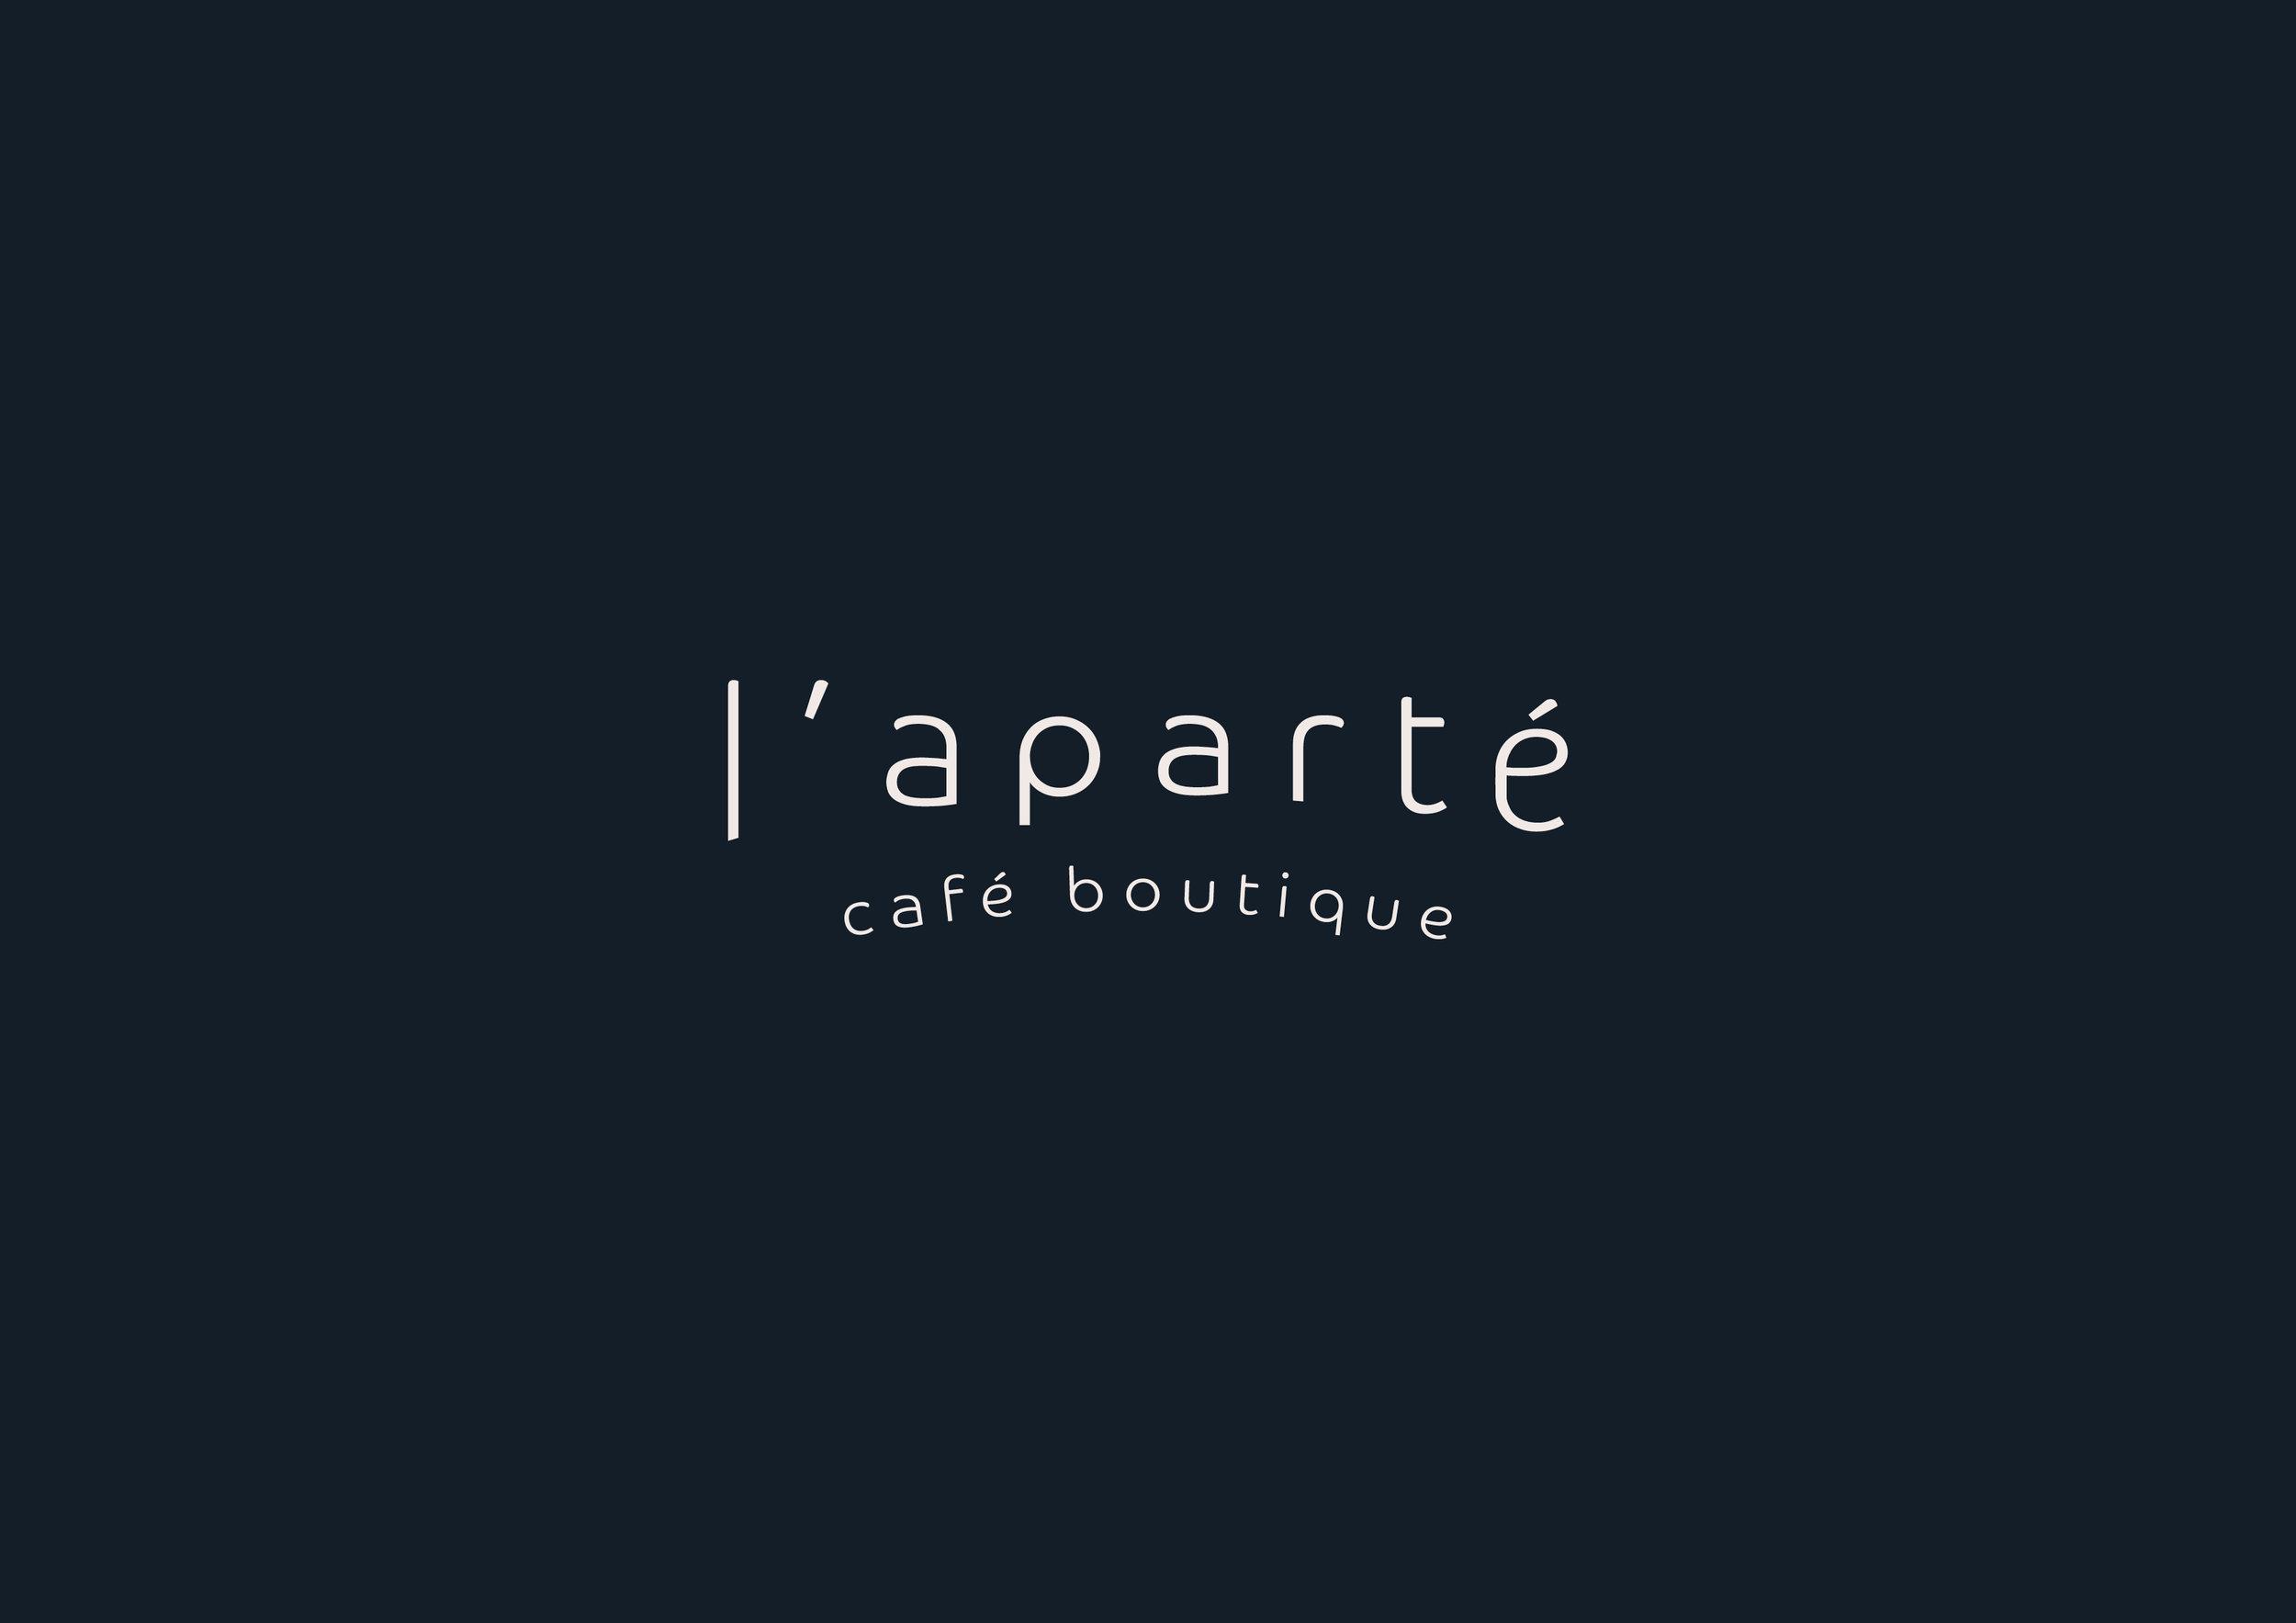 création graphique logotype l'aparté.jpg